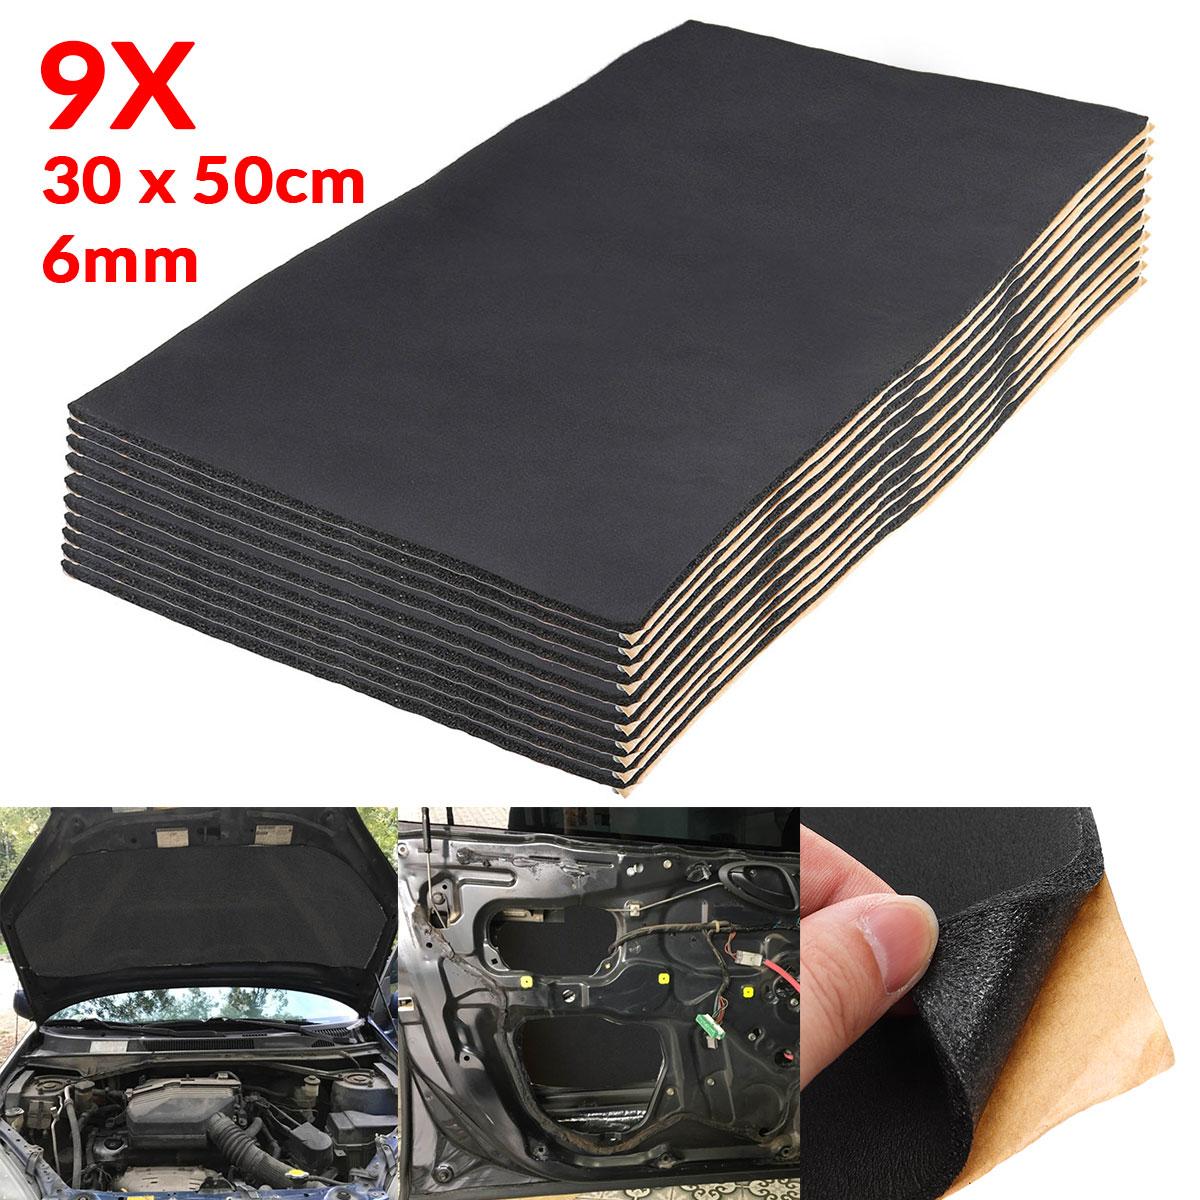 9X1 cm 0.6cm dźwięk samochodu Hot Deadener Mat hałasu dowód Bonnet izolacja tłumiący silnik Firewall ciepła pianka bawełniana naklejka 30x50cm